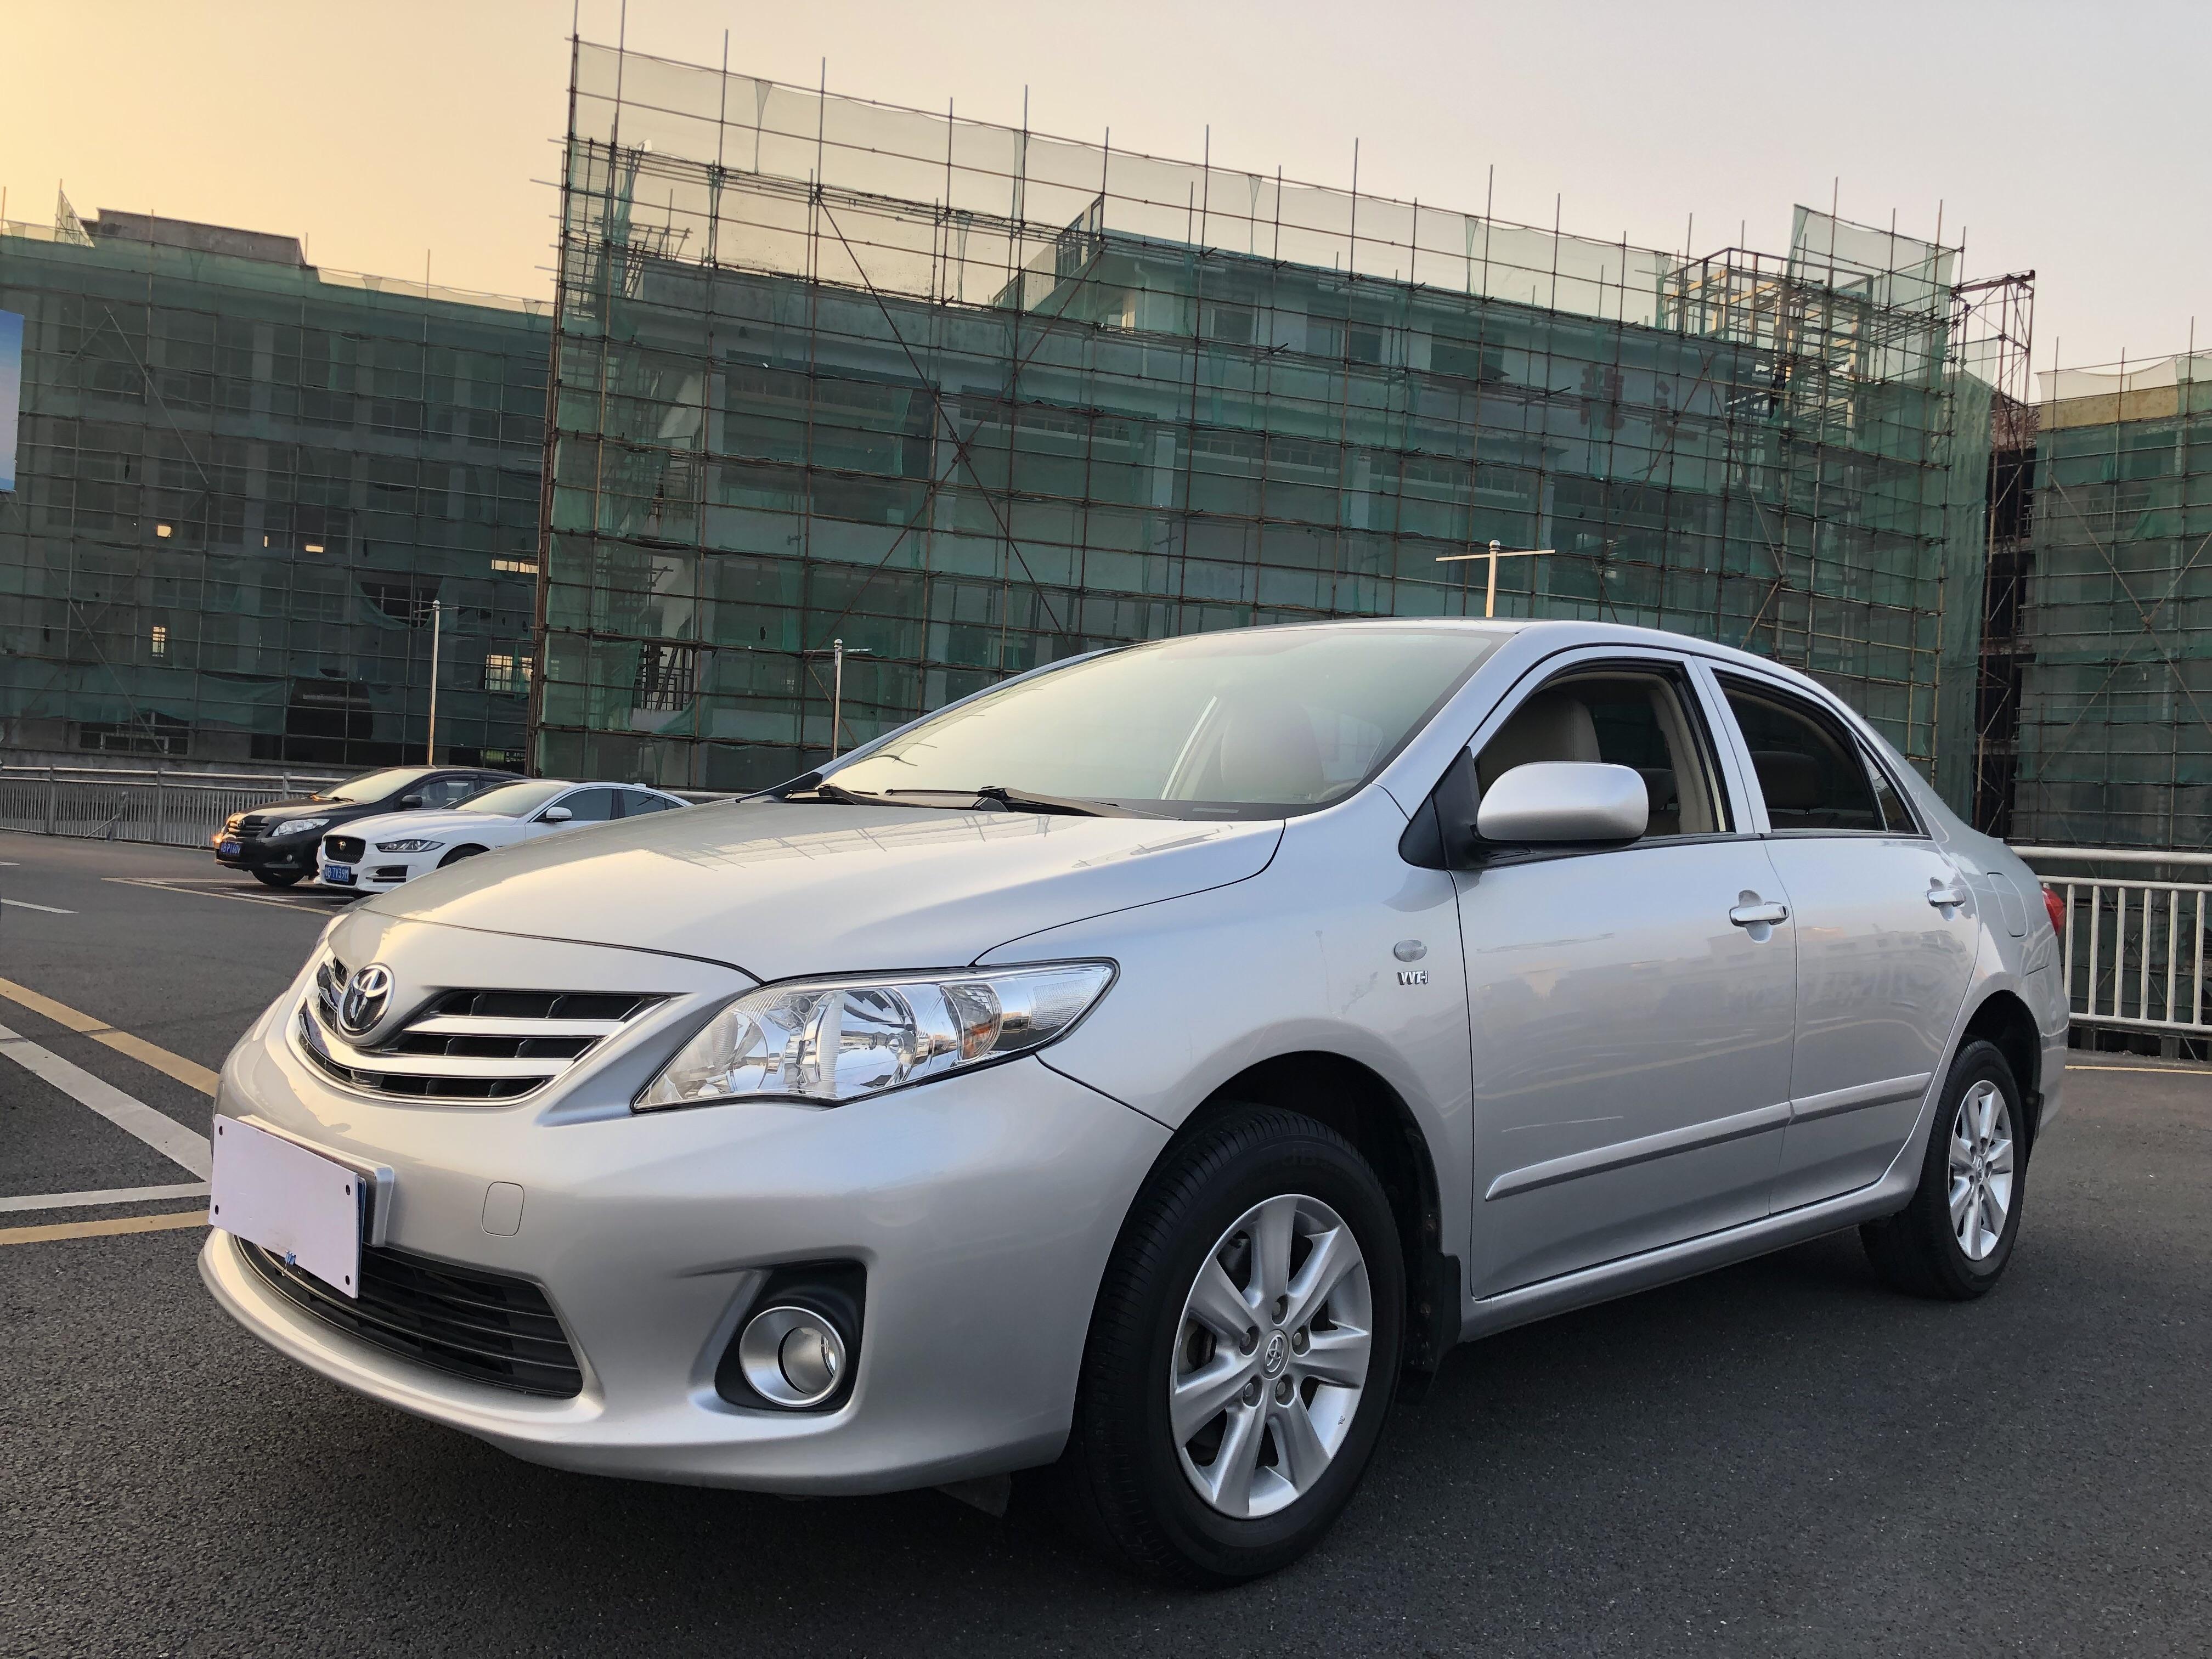 丰田卡罗拉 2011款 1.6L 自动GL